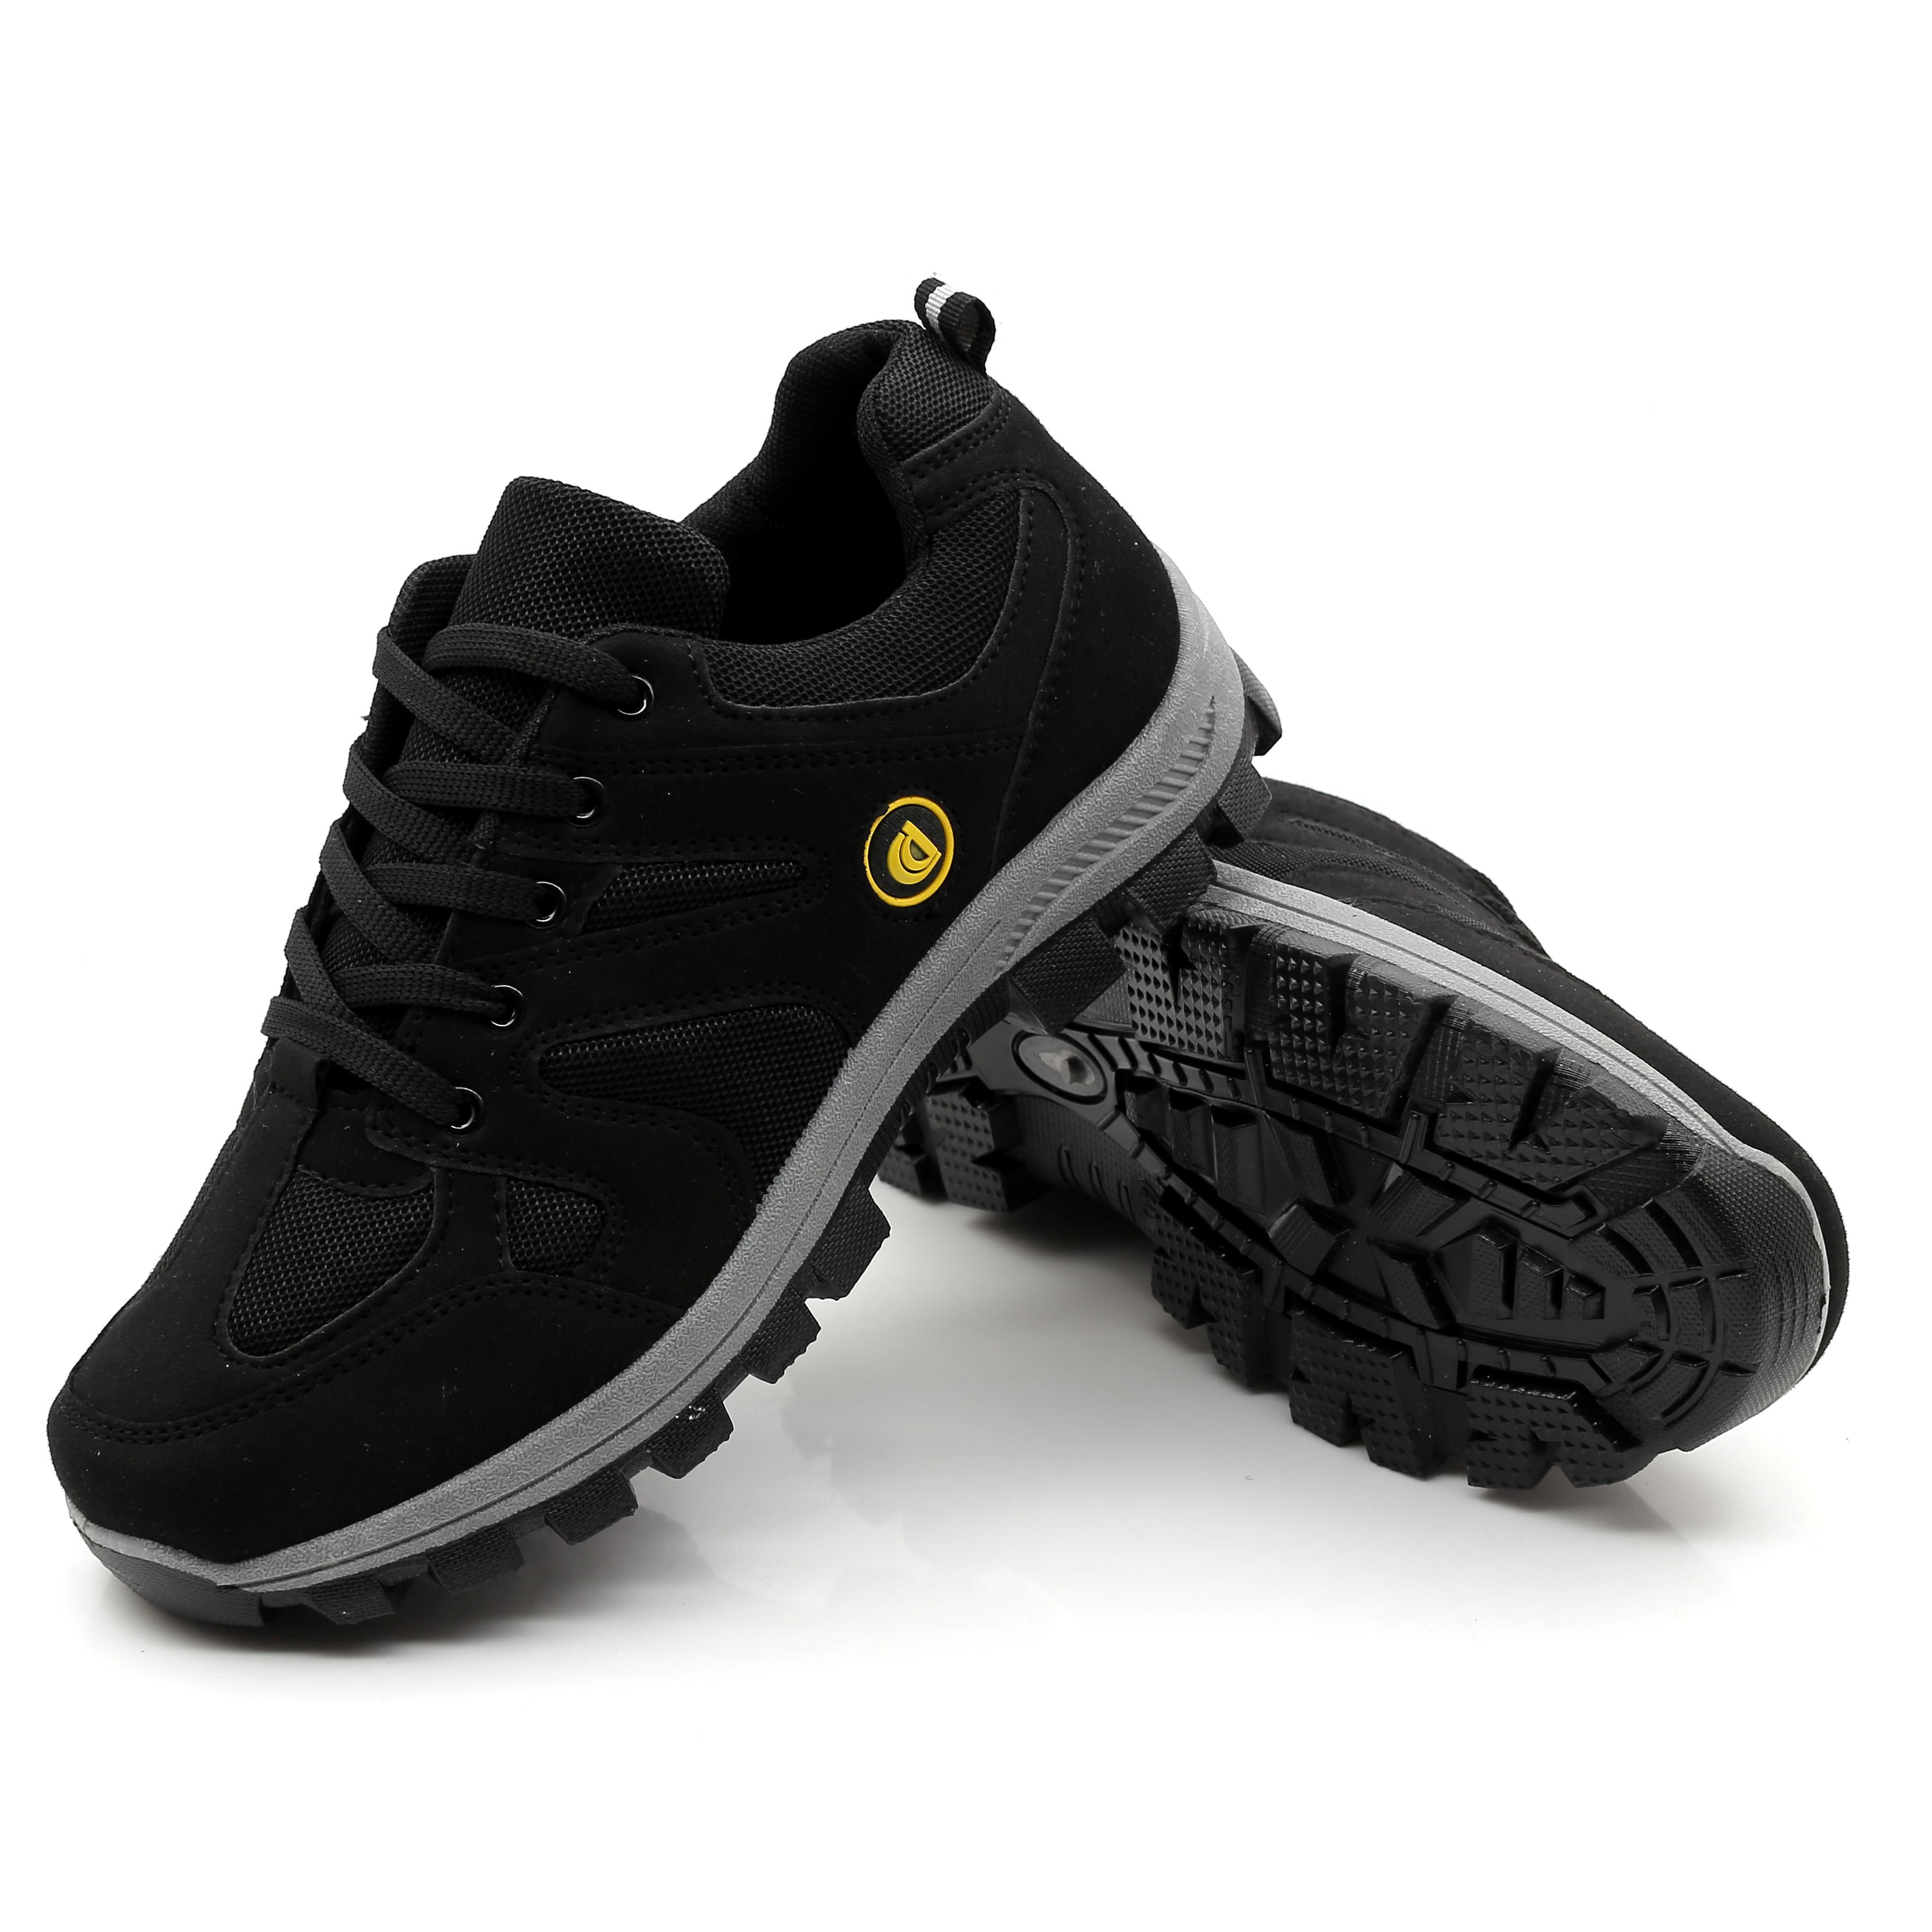 Каждый день специальное предложение осень восхождение обувной пригодный для носки на открытом воздухе только обувь реальный сердце подъем гора обувной легкий воздухопроницаемый низкий мужская обувь